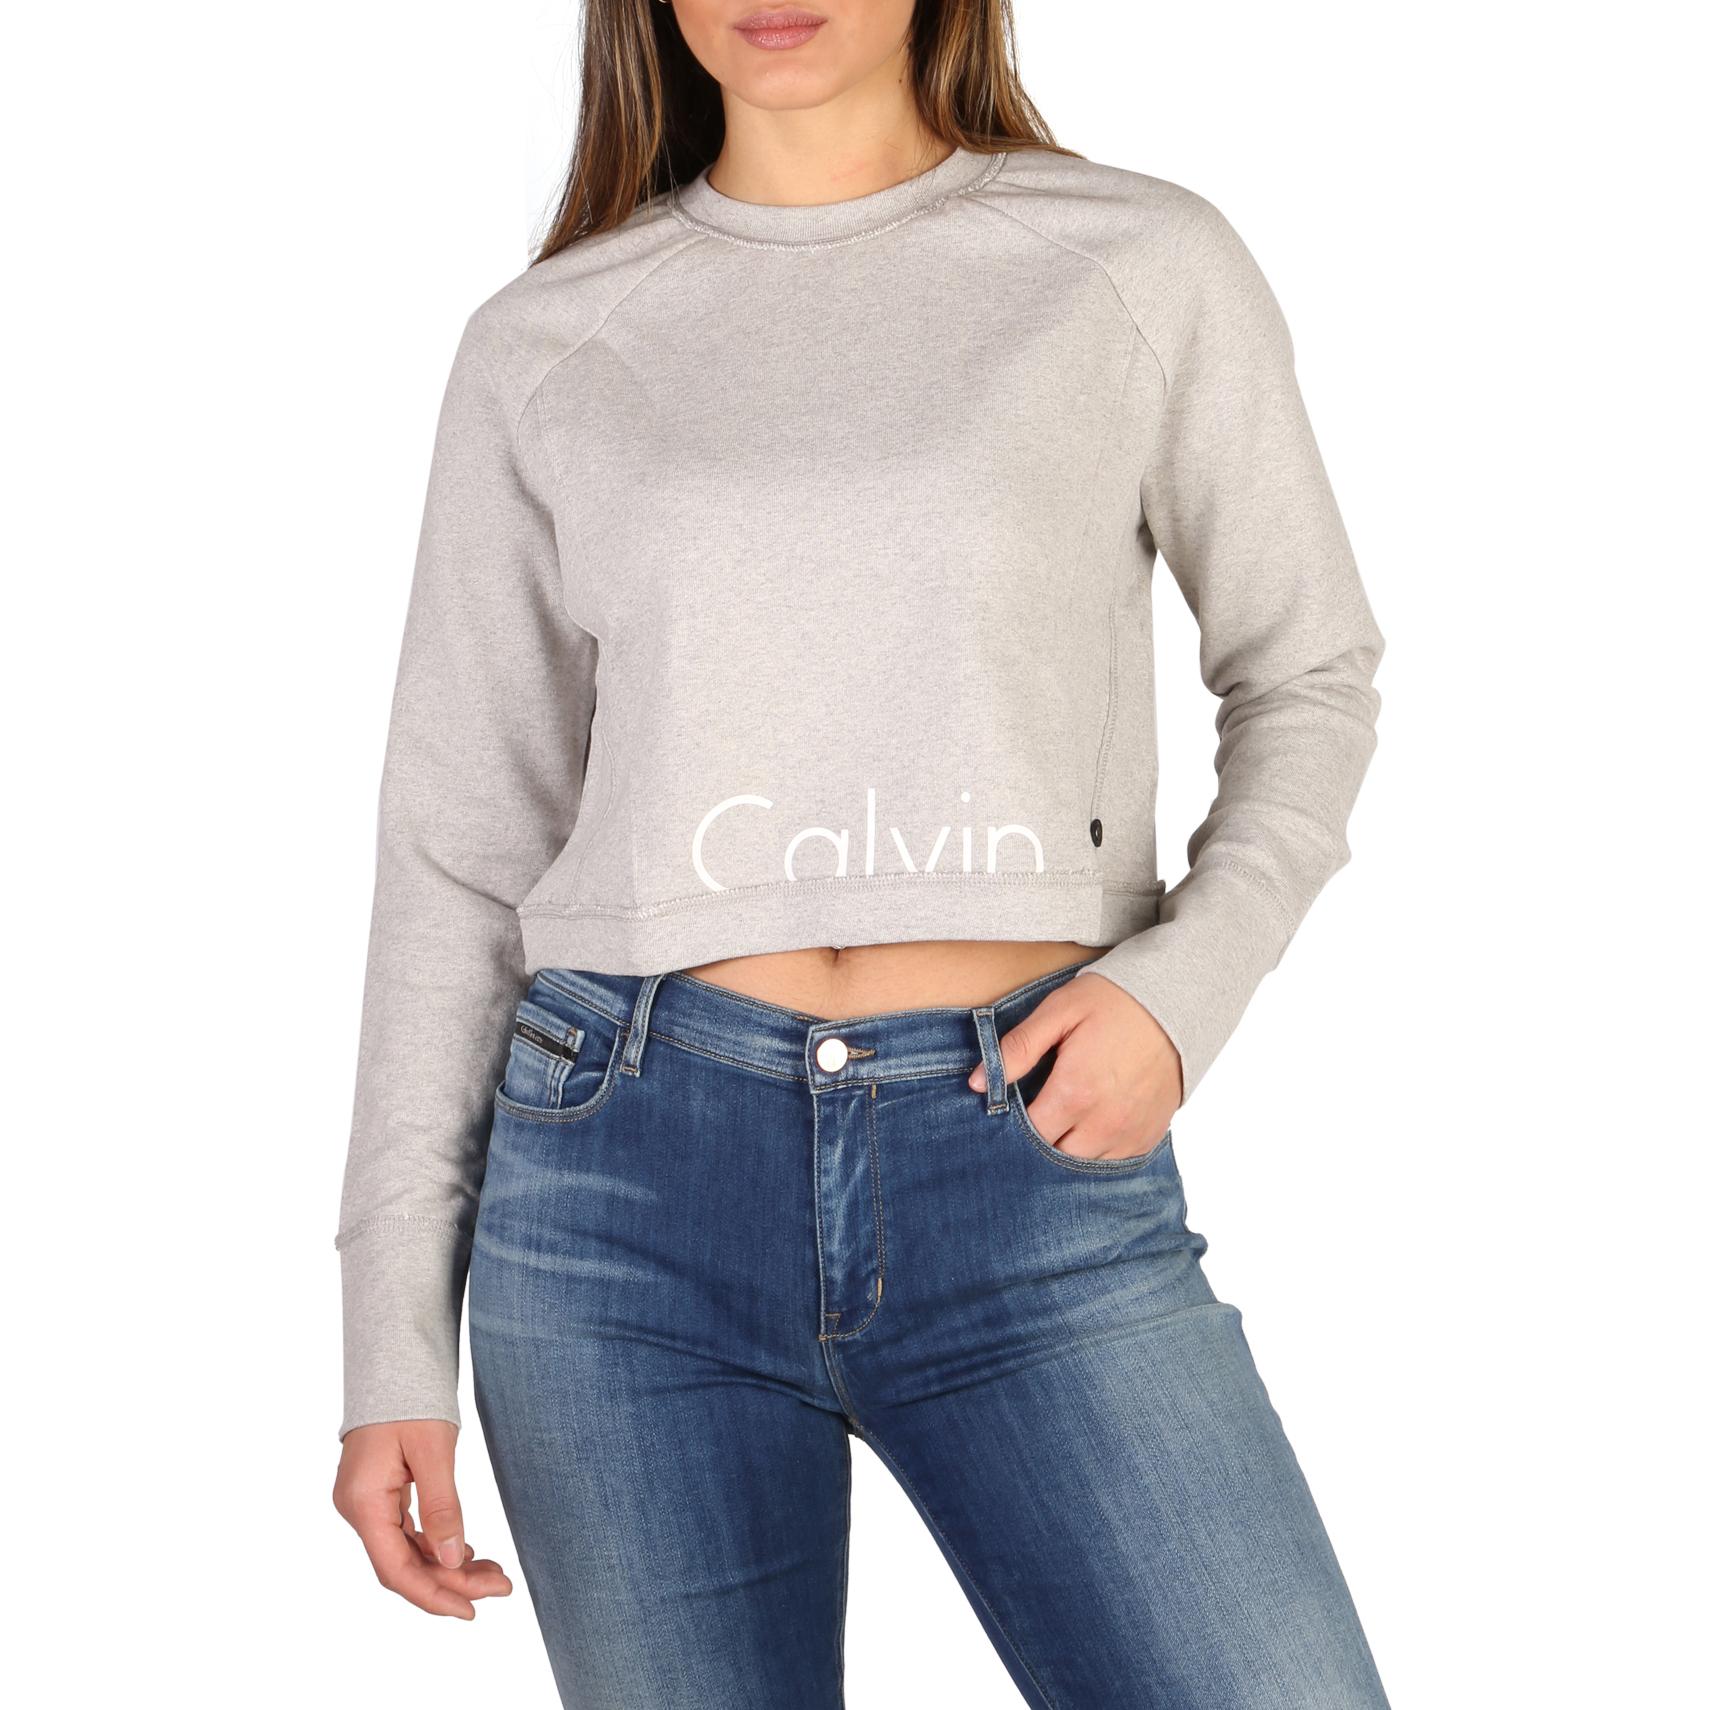 Calvin Klein J20J201305 Donna Grigio 113485